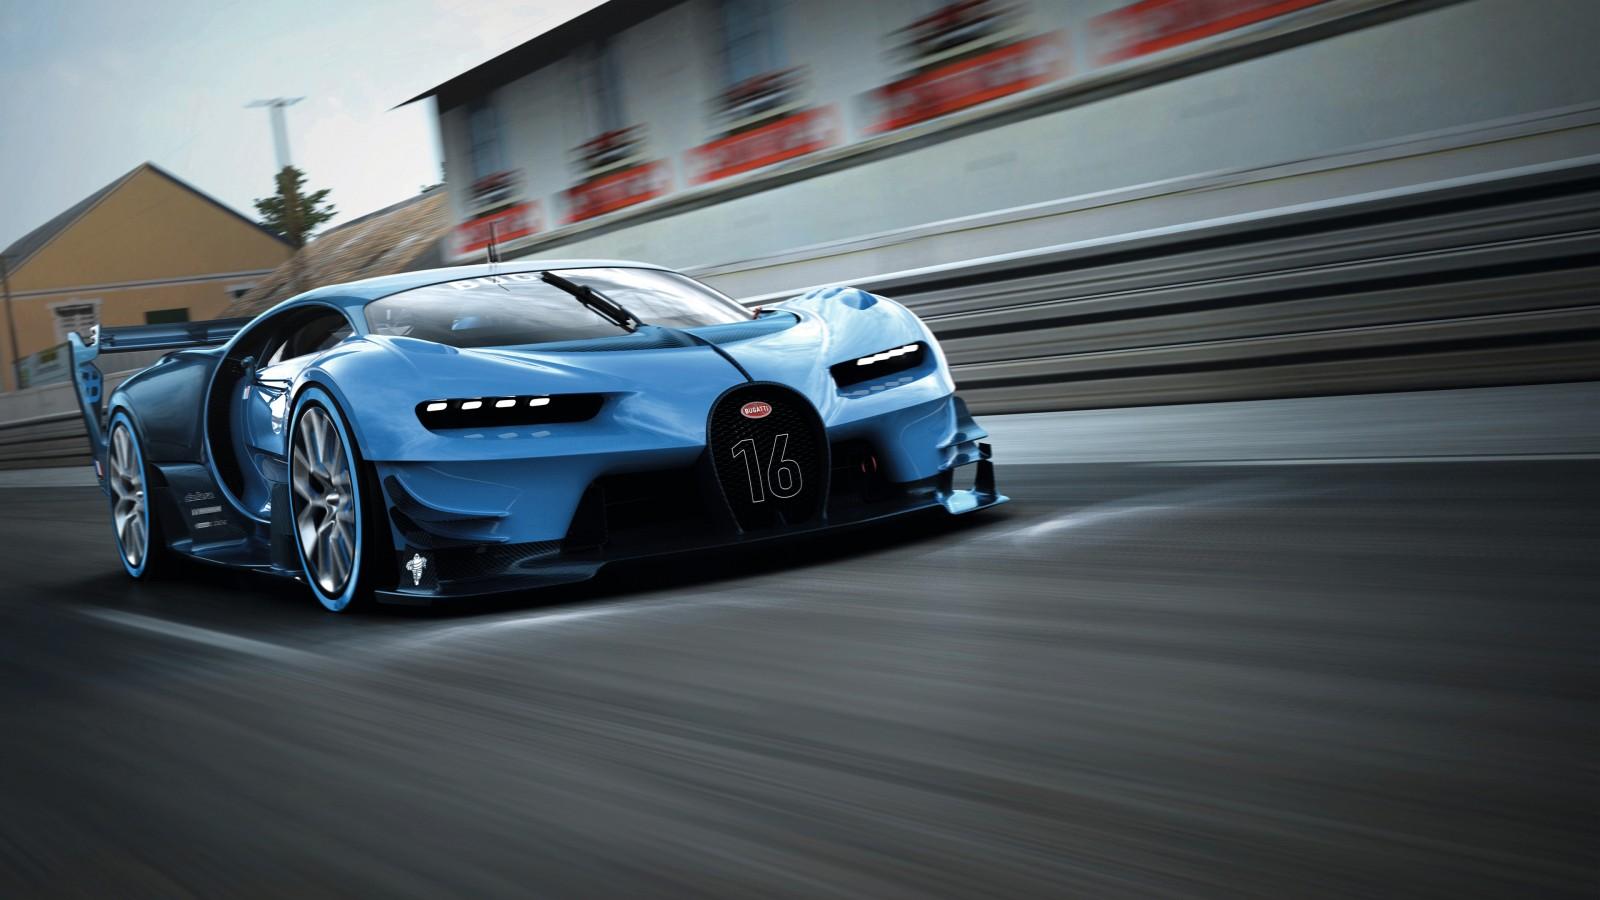 Bugatti Car Hd Wallpapers Free Download For Android Mobile: Bugatti Vision Gran Turismo 2015 Wallpaper